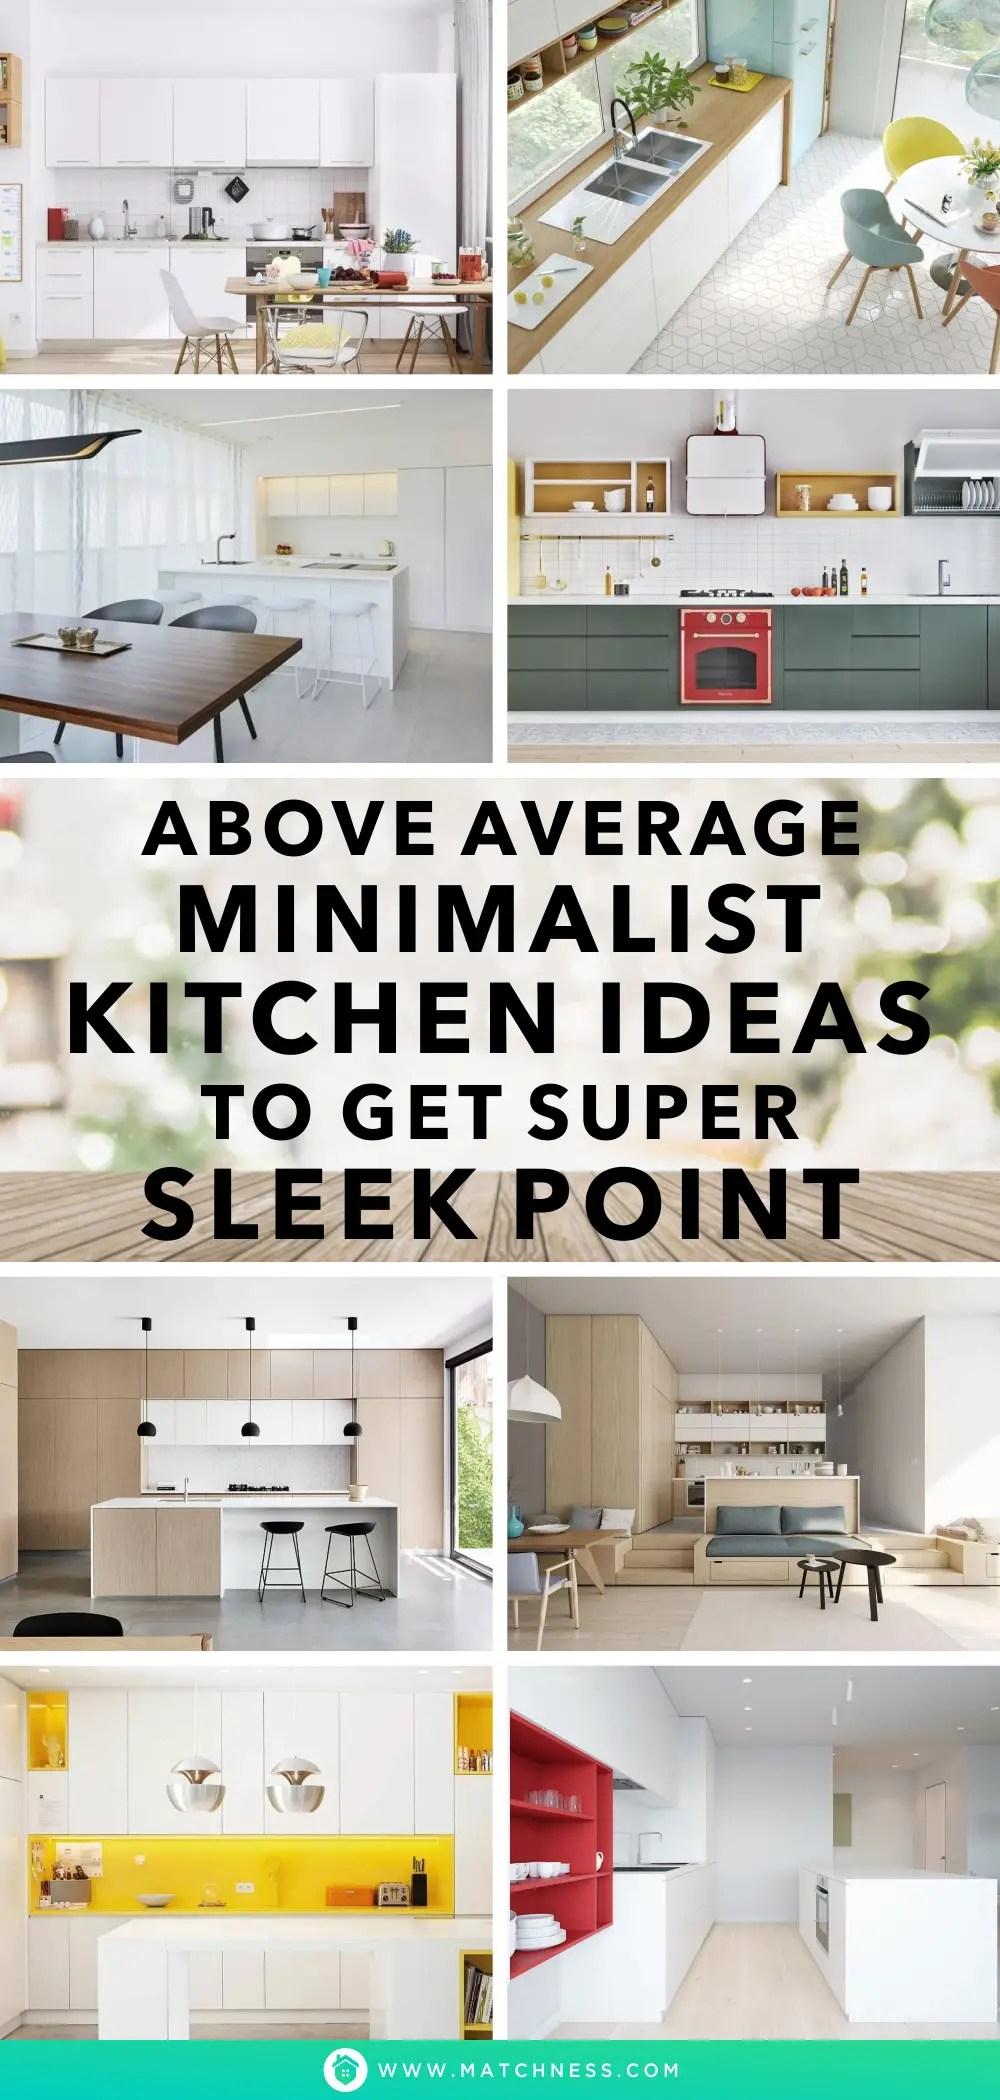 Above-average-minimalist-kitchen-ideas-to-get-super-sleek-point-1